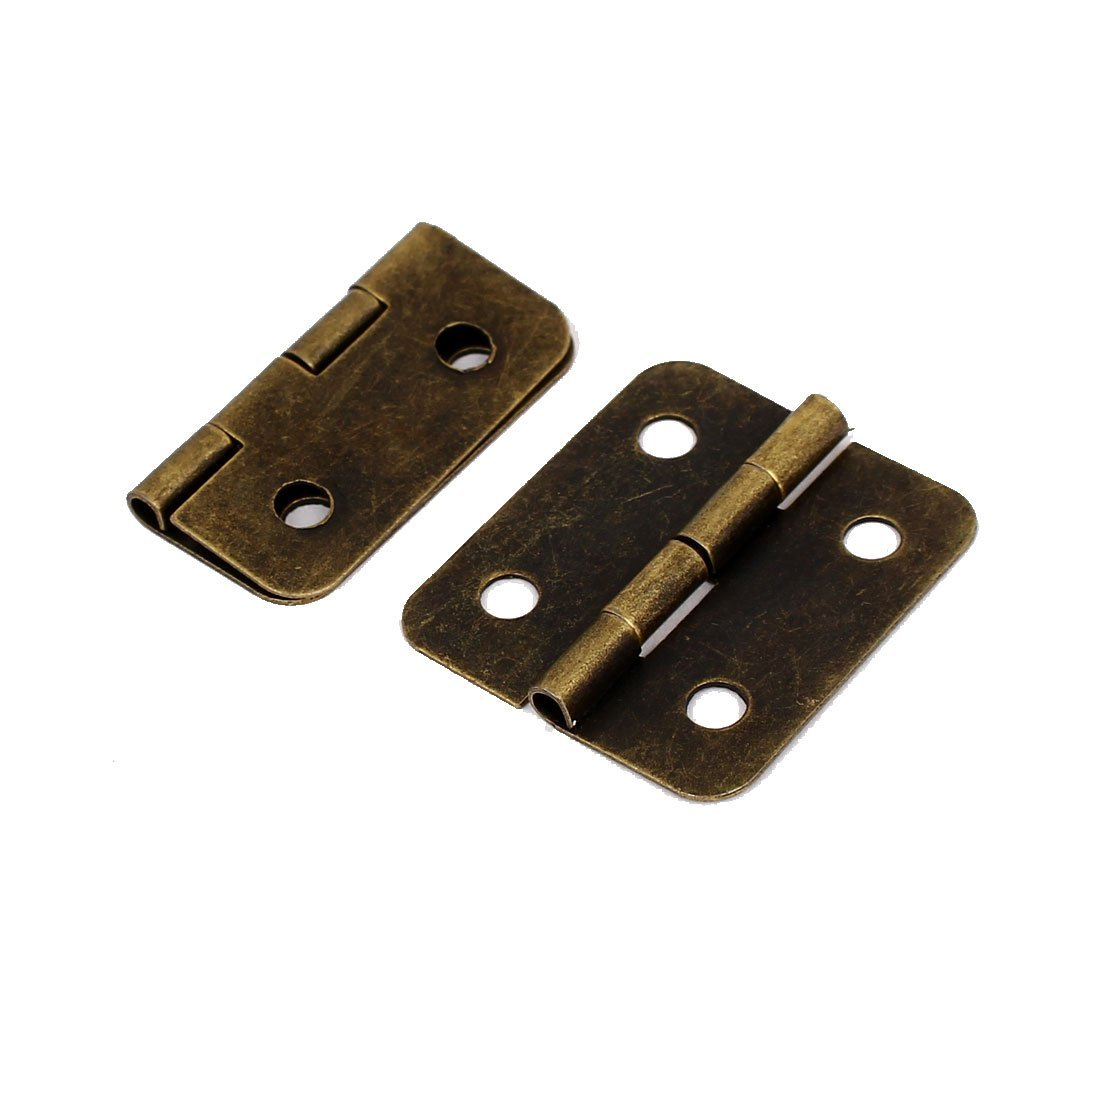 Meubles eDealMax Porte tiroir 1.2 pouces Longueur métal Butt Pliable Bronze Tone Hinges 50PCS